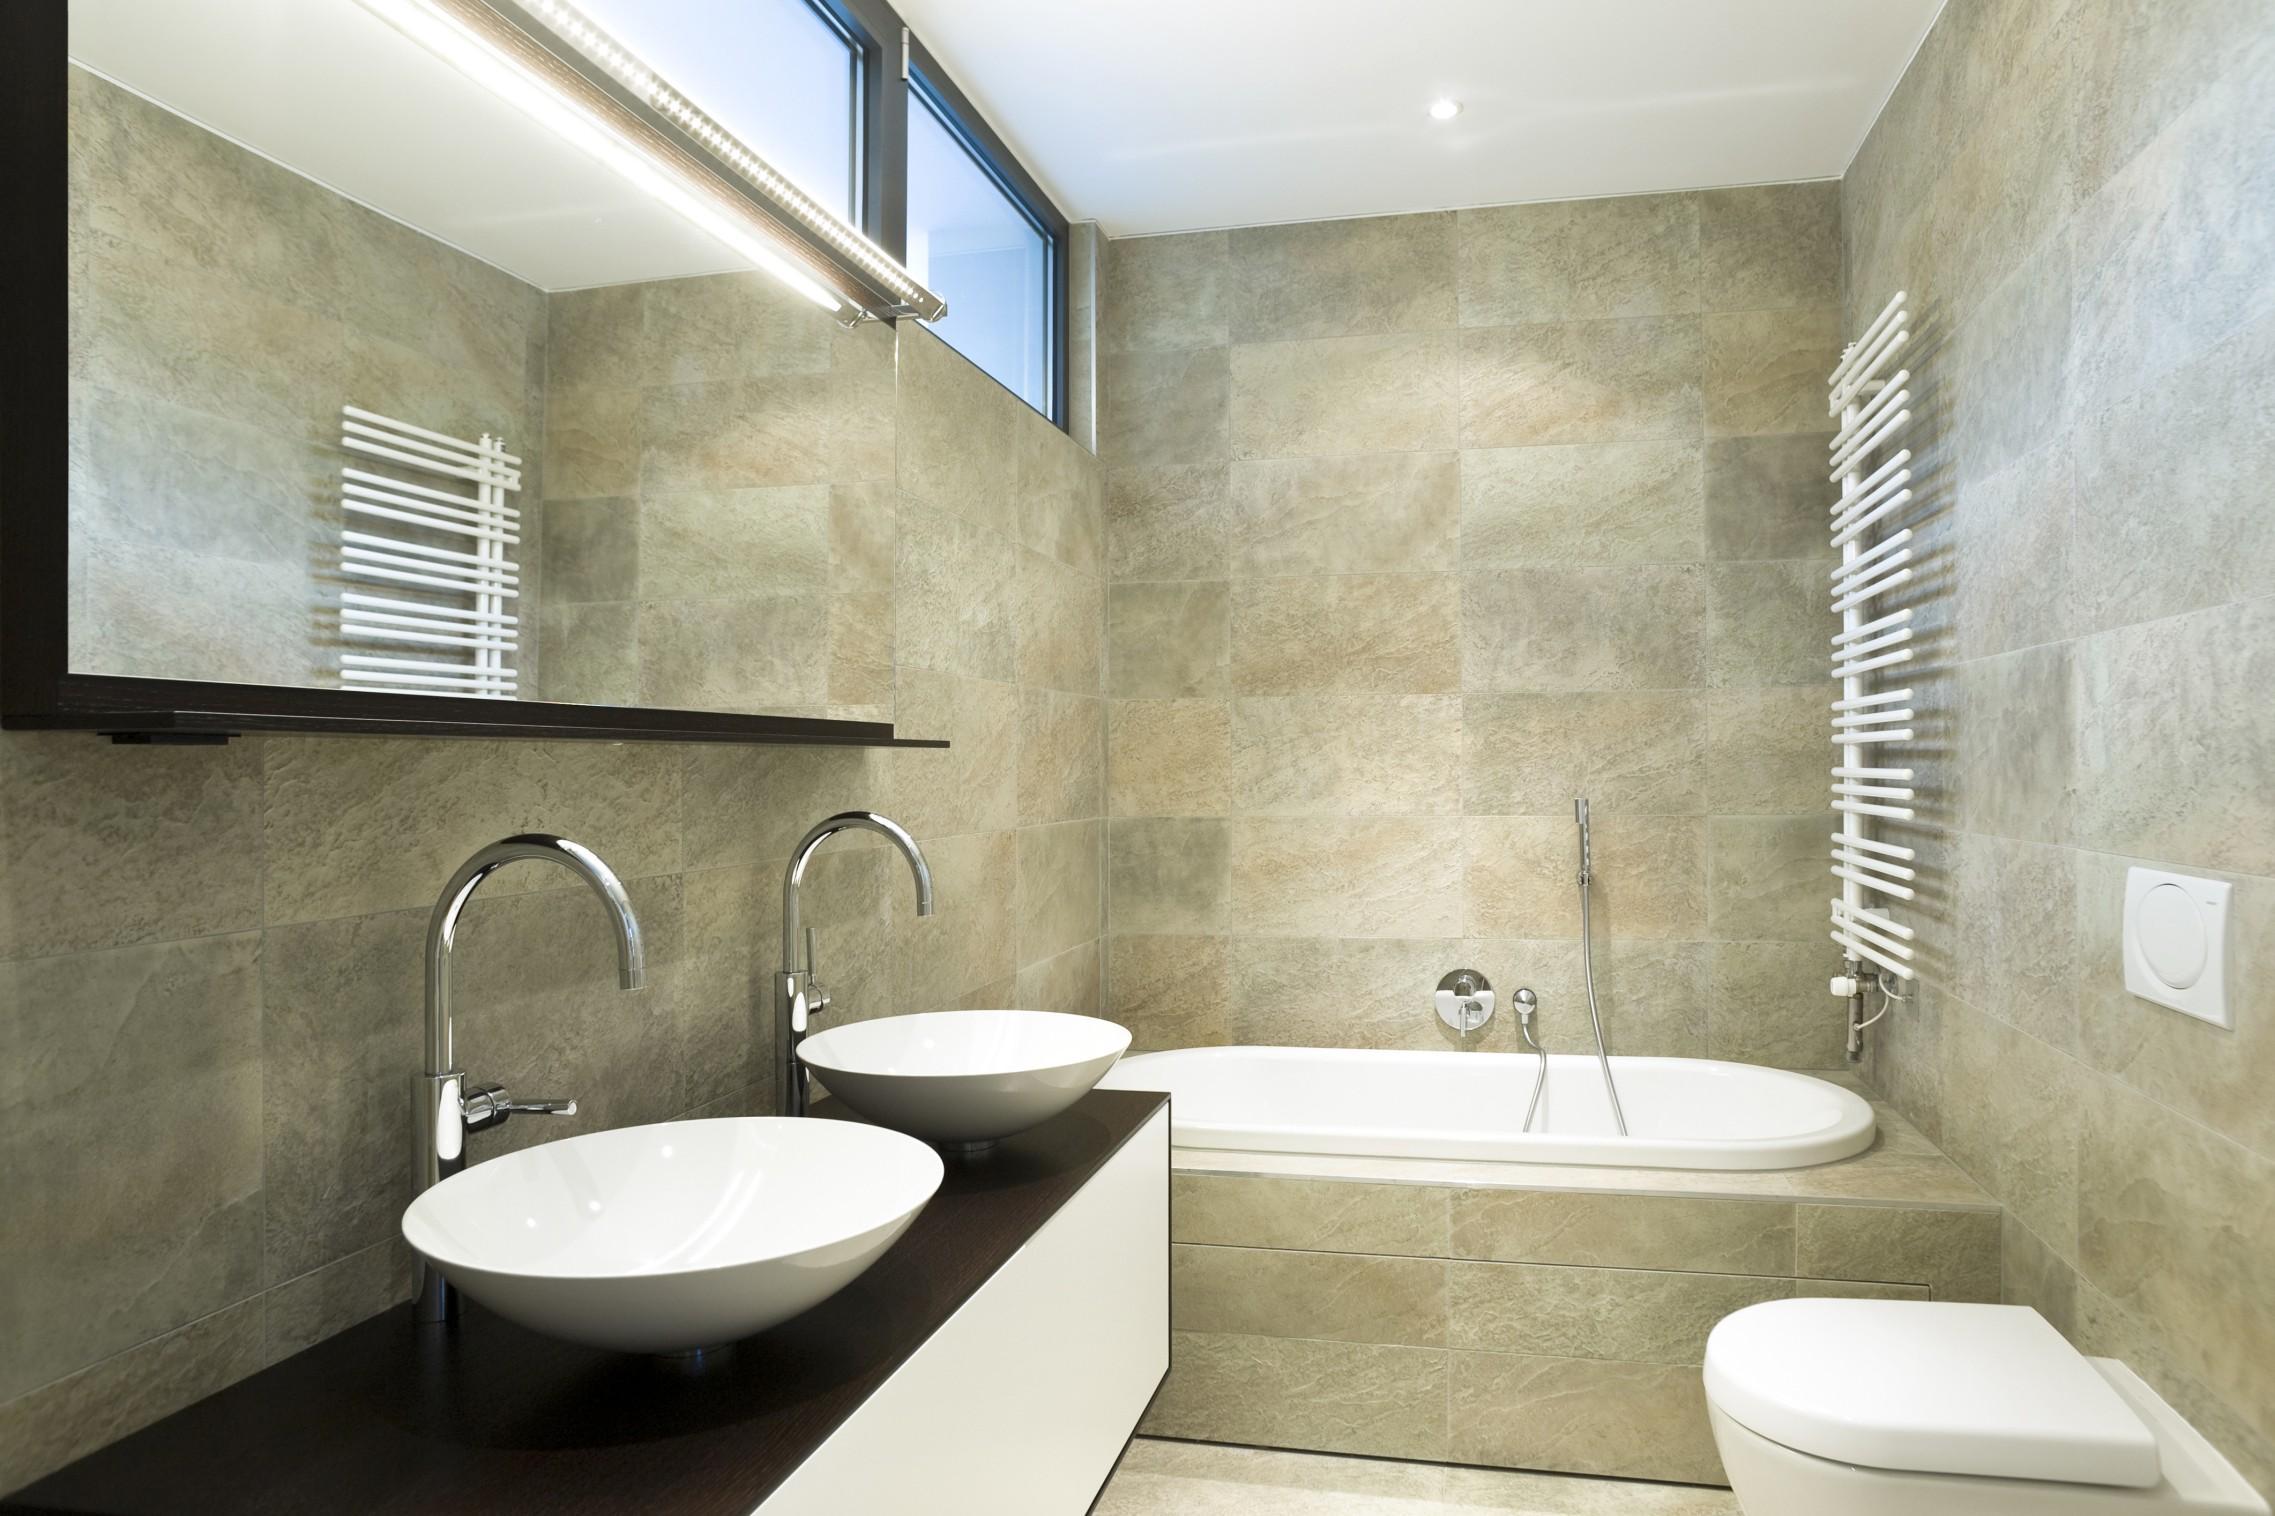 Vasca Da Bagno Murata : Come disporre i sanitari del bagno bagnolandia